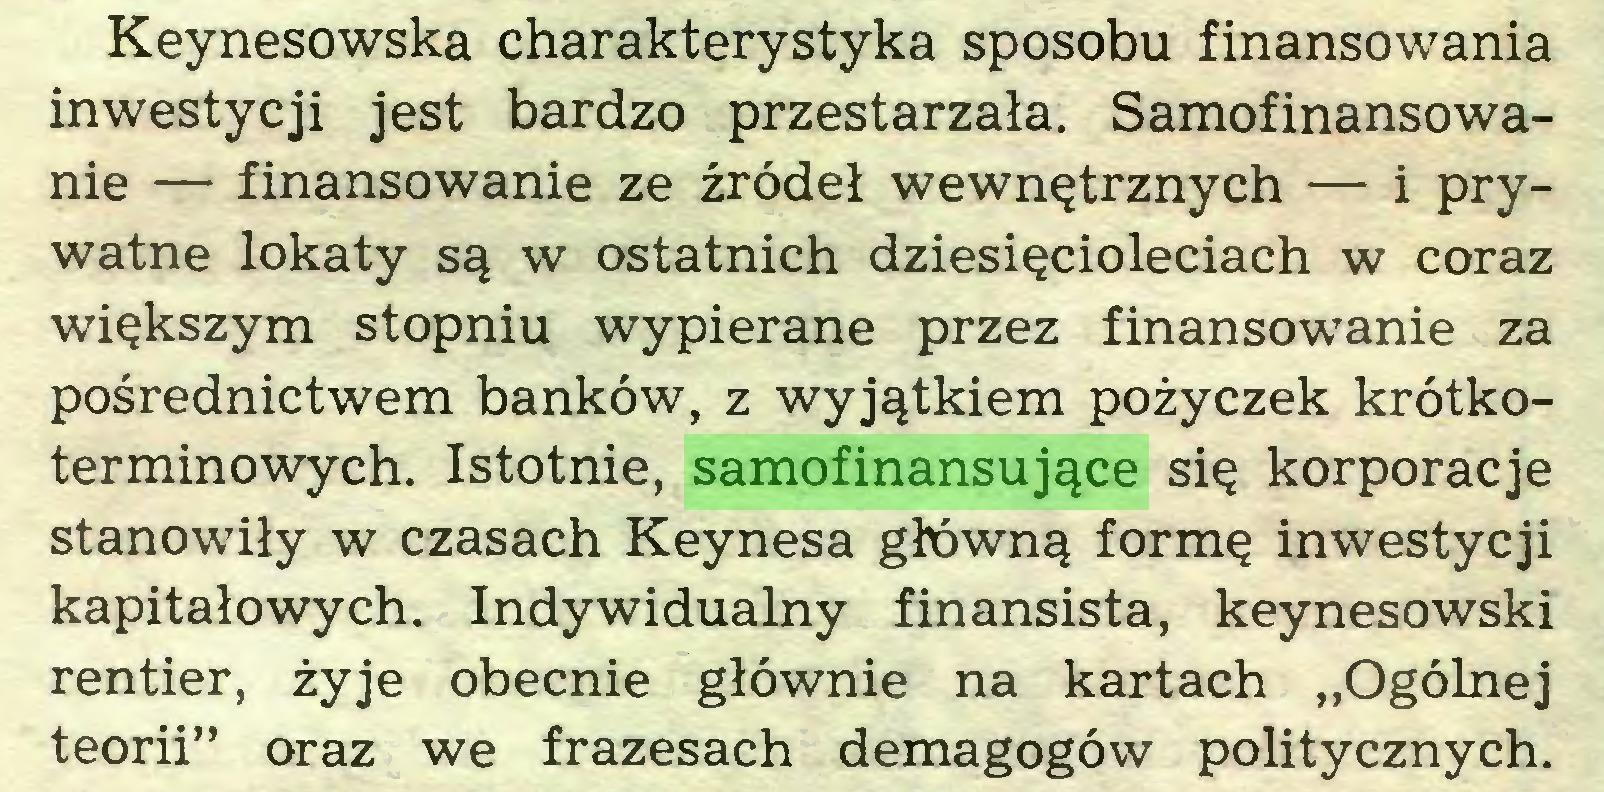 """(...) Keynesowska charakterystyka sposobu finansowania inwestycji jest bardzo przestarzała. Samofinansowanie — finansowanie ze źródeł wewnętrznych — i prywatne lokaty są w ostatnich dziesięcioleciach w coraz większym stopniu wypierane przez finansowanie za pośrednictwem banków, z wyjątkiem pożyczek krótkoterminowych. Istotnie, samofinansujące się korporacje stanowiły w czasach Keynesa główną formę inwestycji kapitałowych. Indywidualny finansista, keynesowski rentier, żyje obecnie głównie na kartach """"Ogólnej teorii"""" oraz we frazesach demagogów politycznych..."""